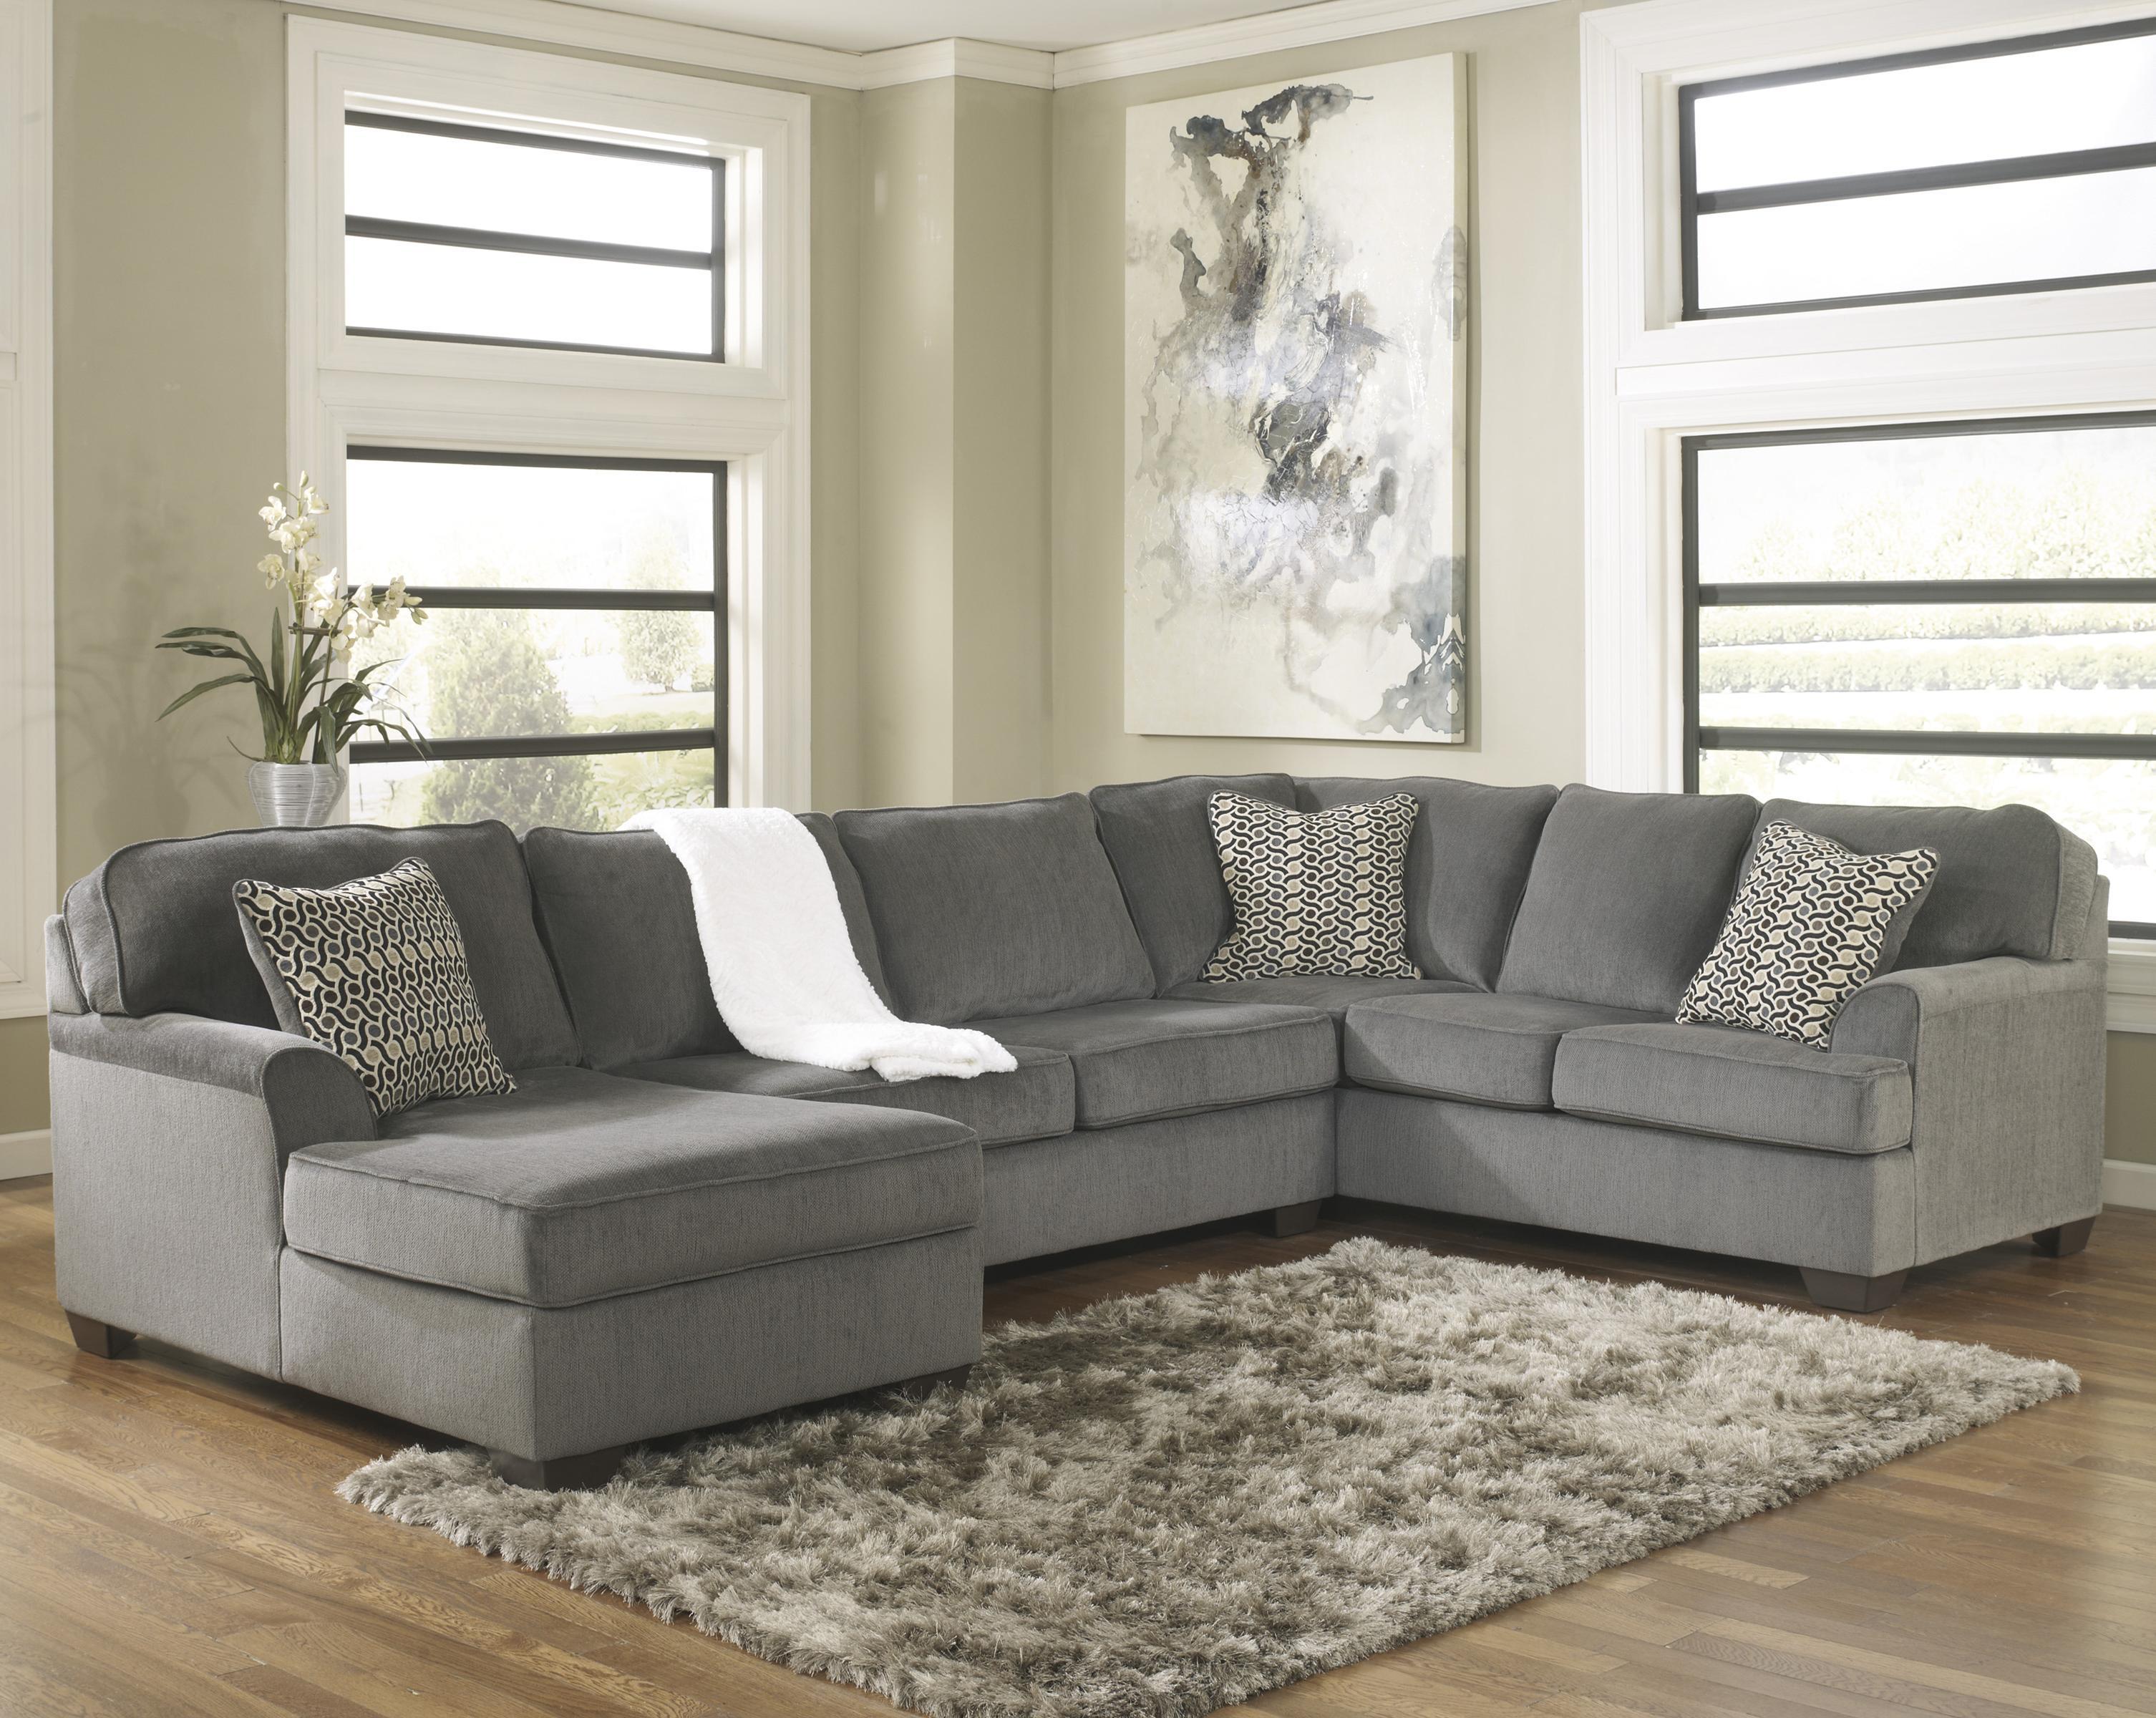 Ashley Sofas Home Interior Design And Color Ideas